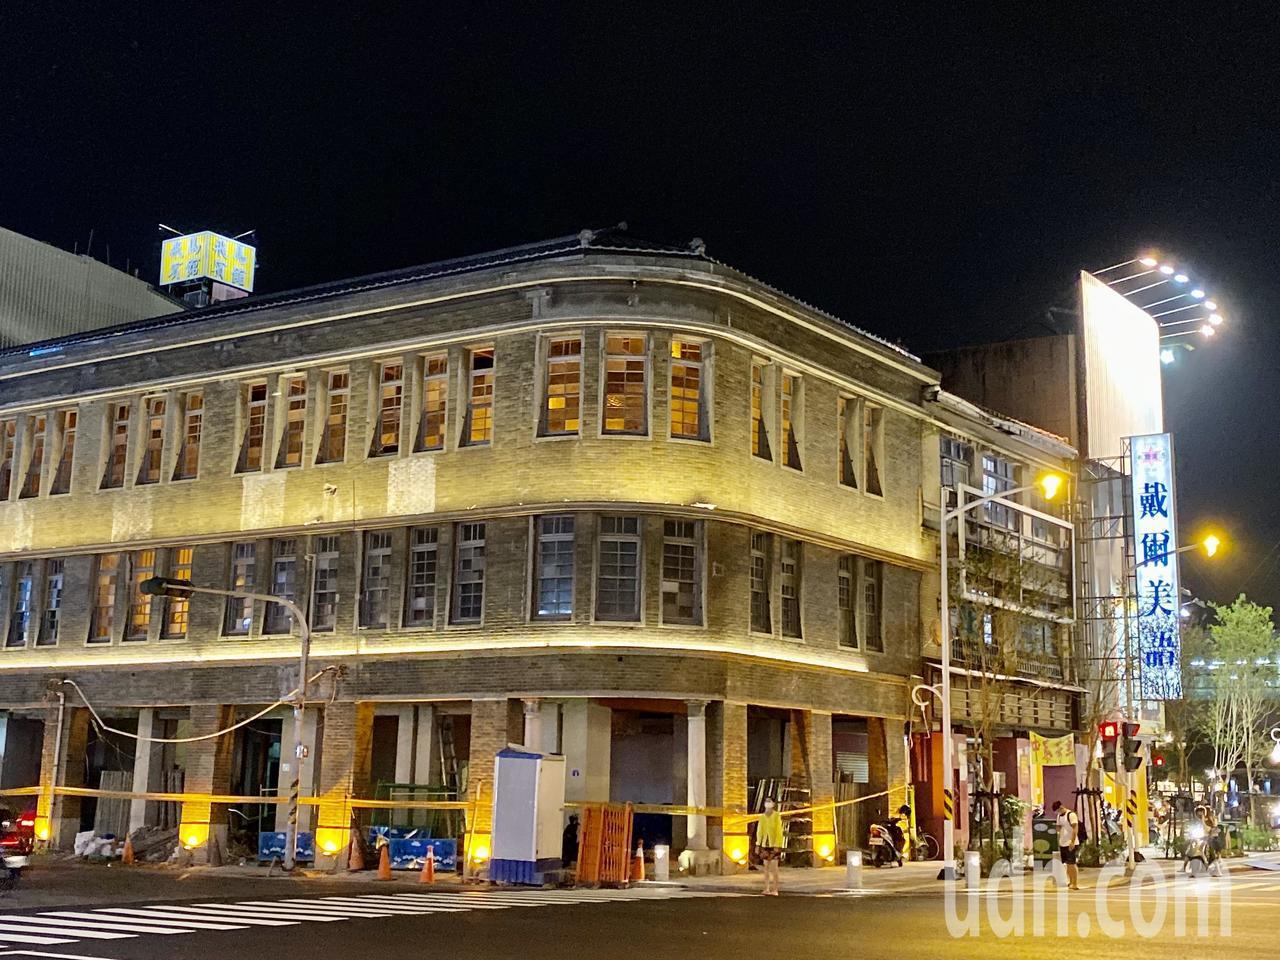 離車站不遠的大和旅社,主體建物維修的施工帷幕也已經撤下,投射燈光打在外牆上,讓這...